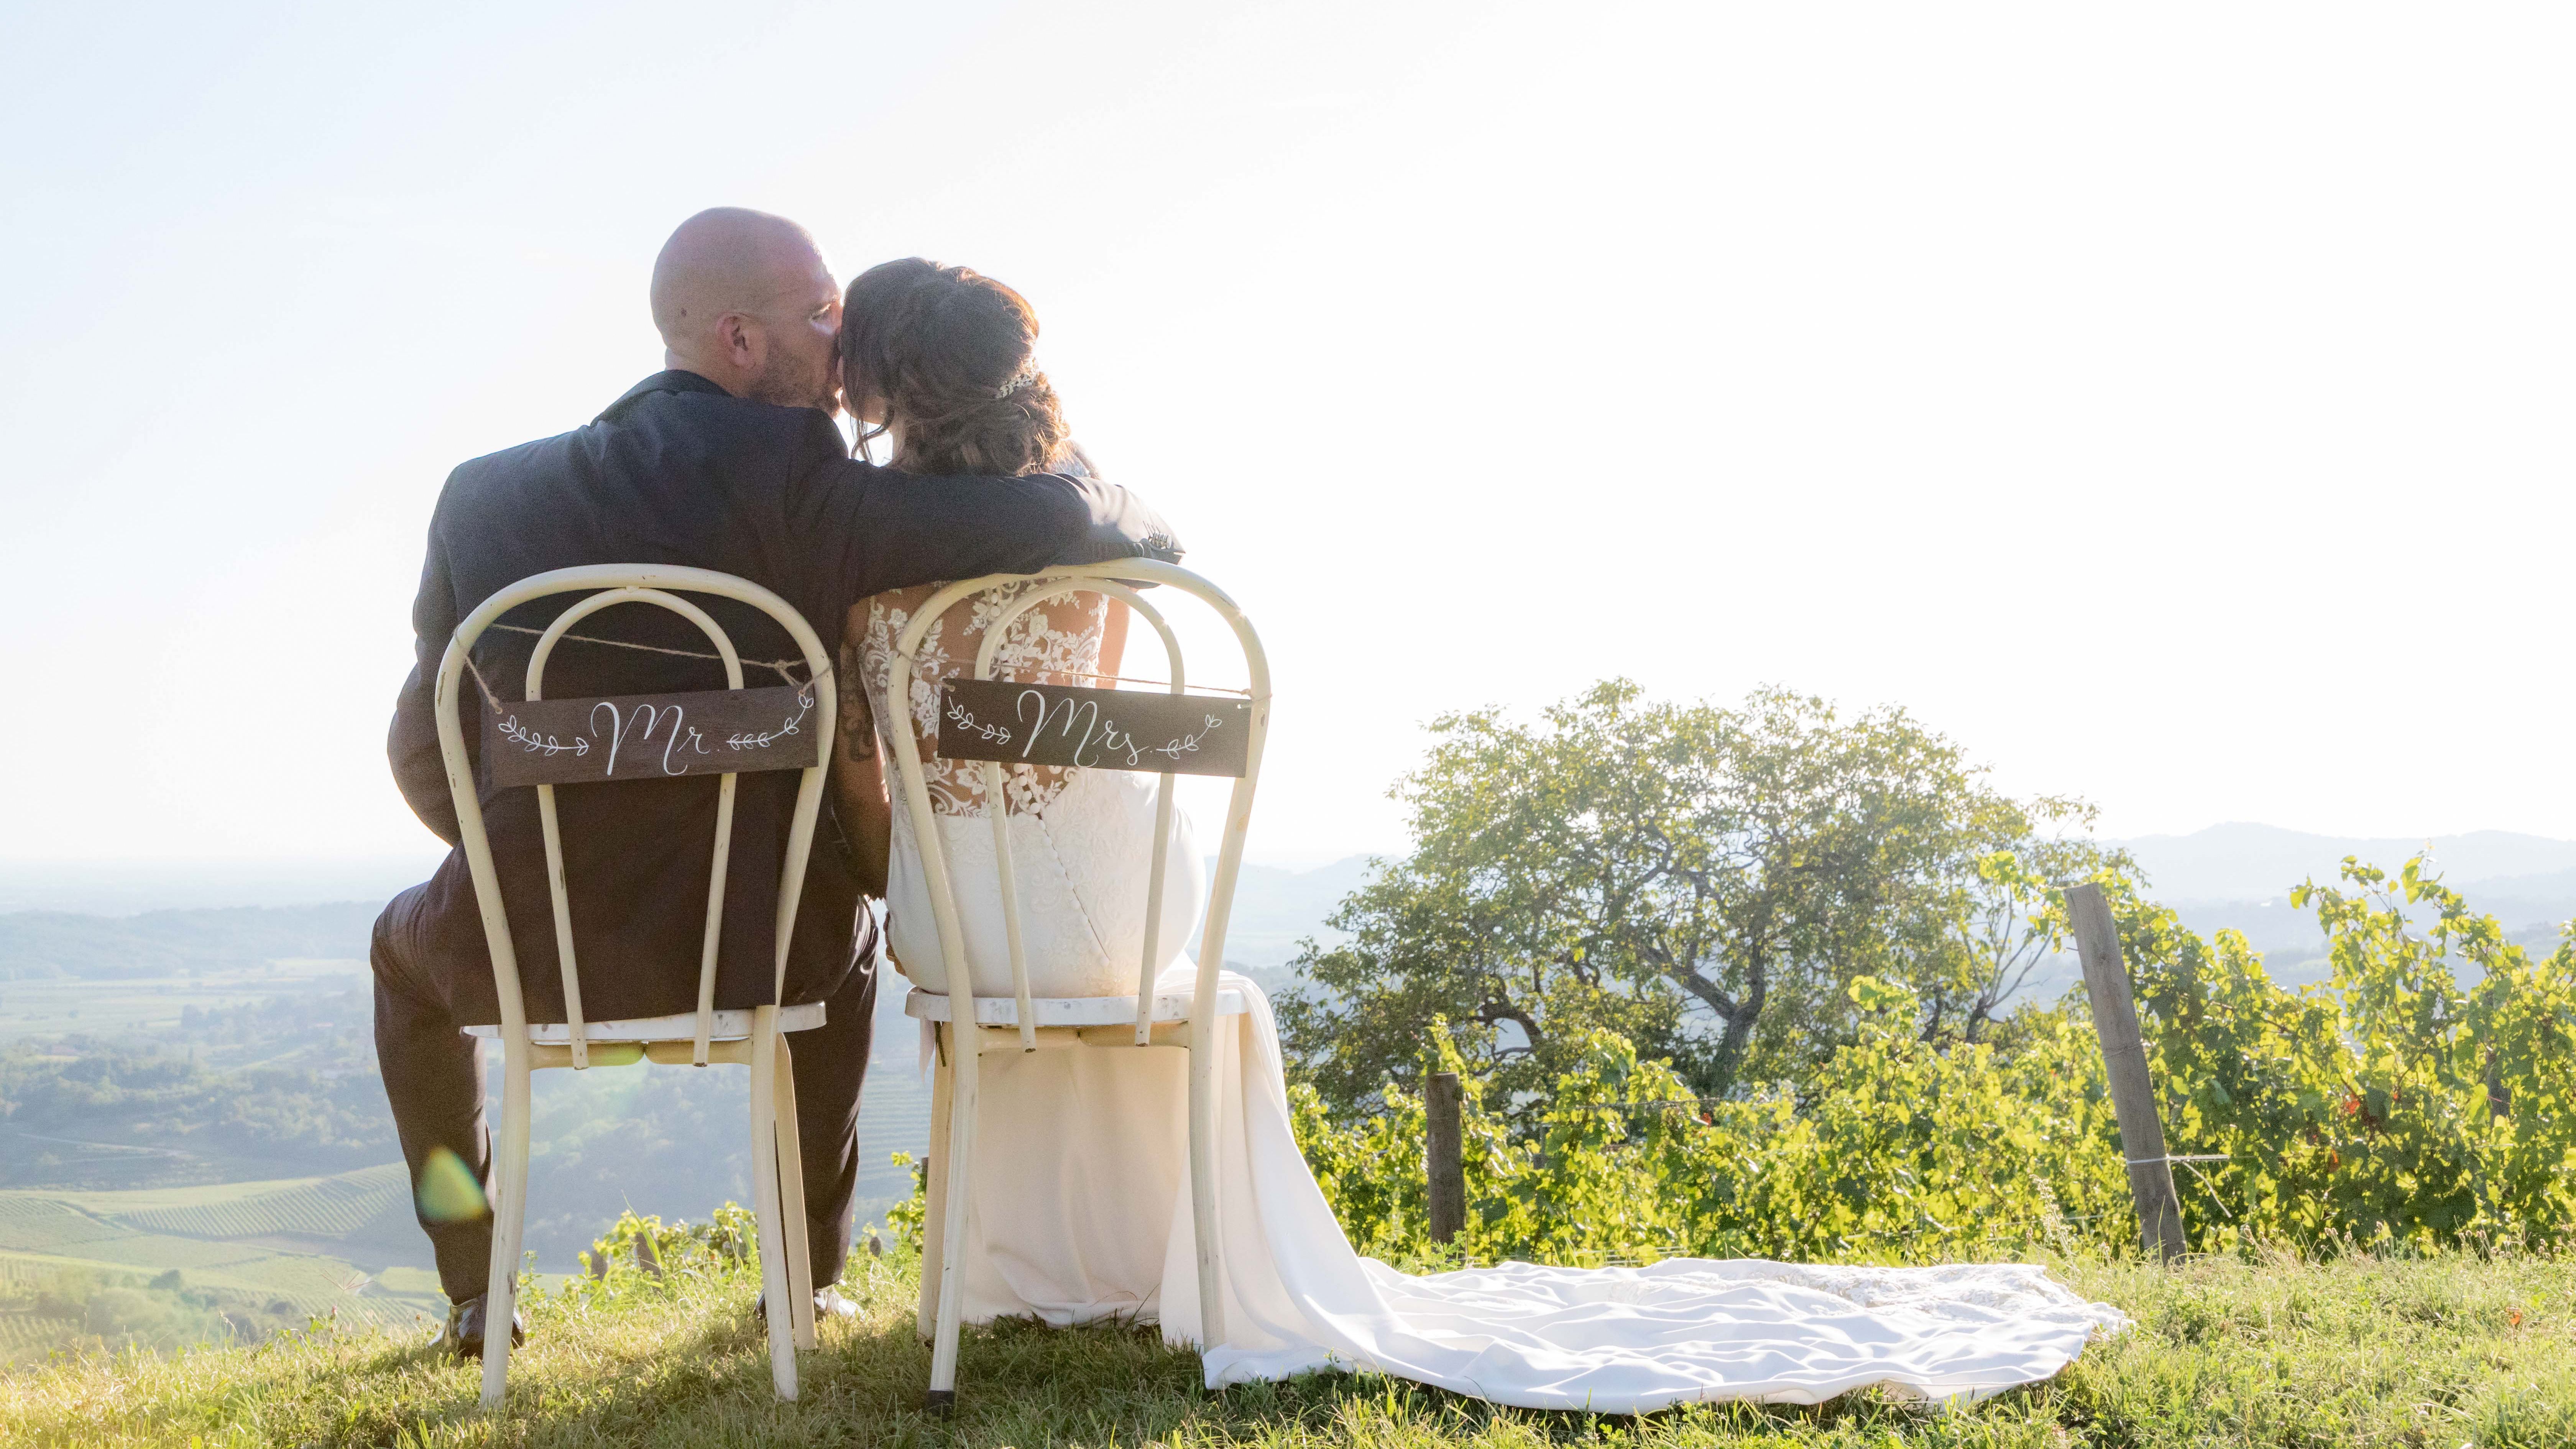 Matrimonio_Sito-35